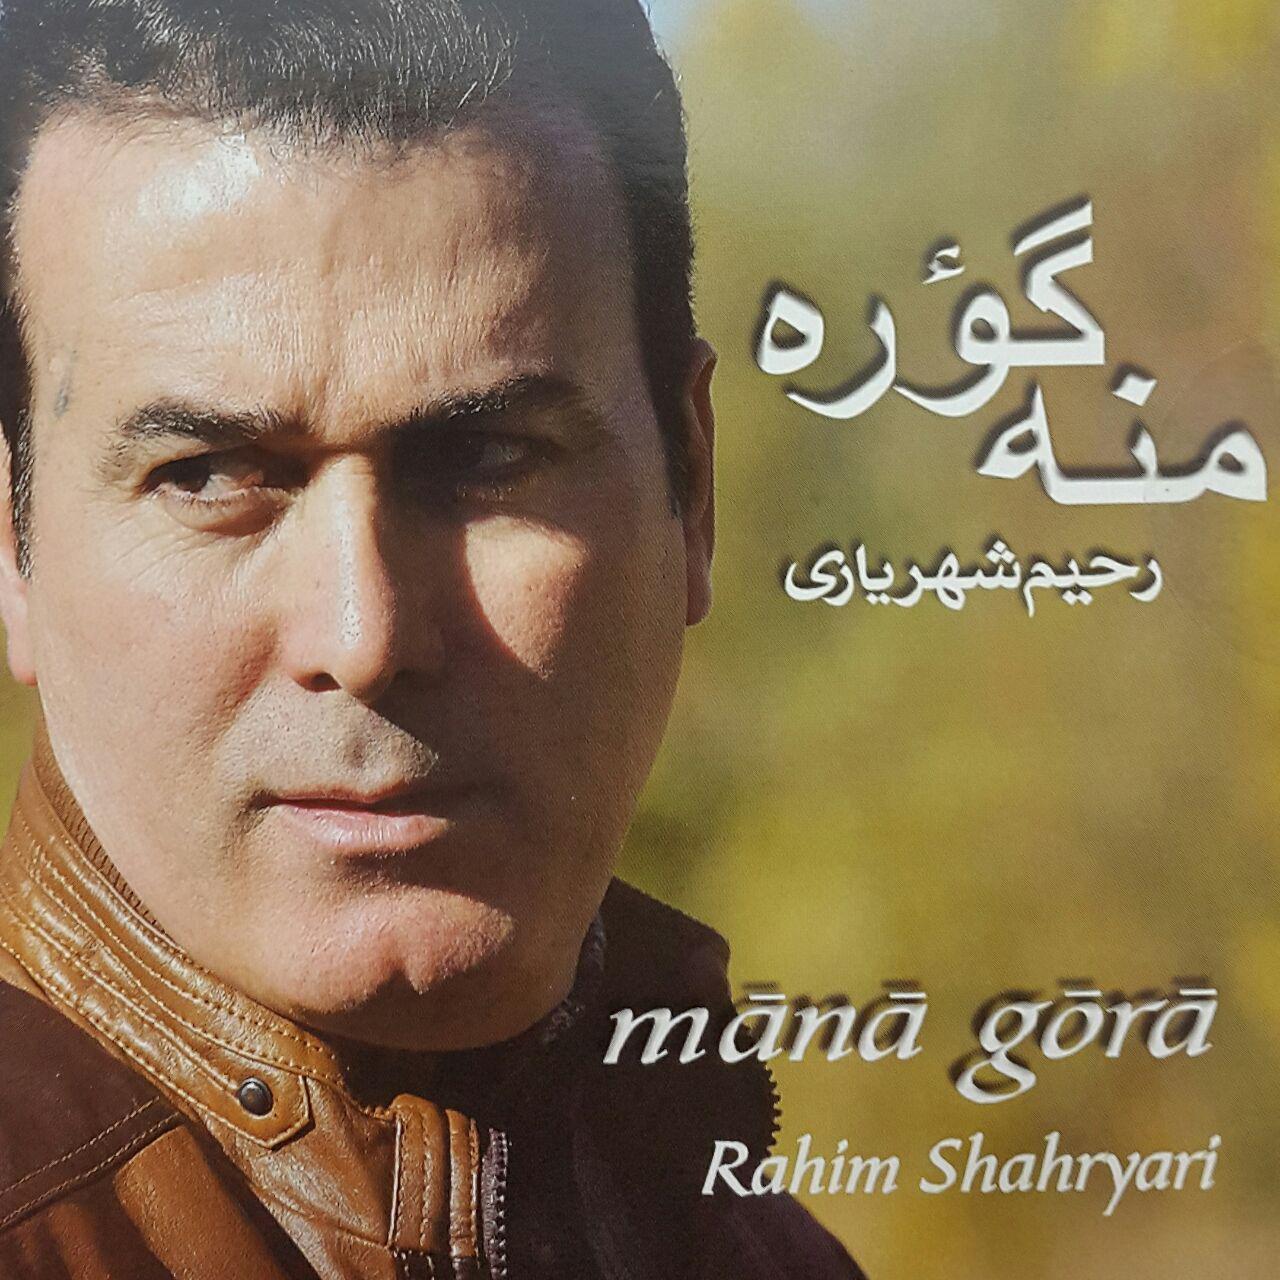 Rahim Shahryari - Mana Gora